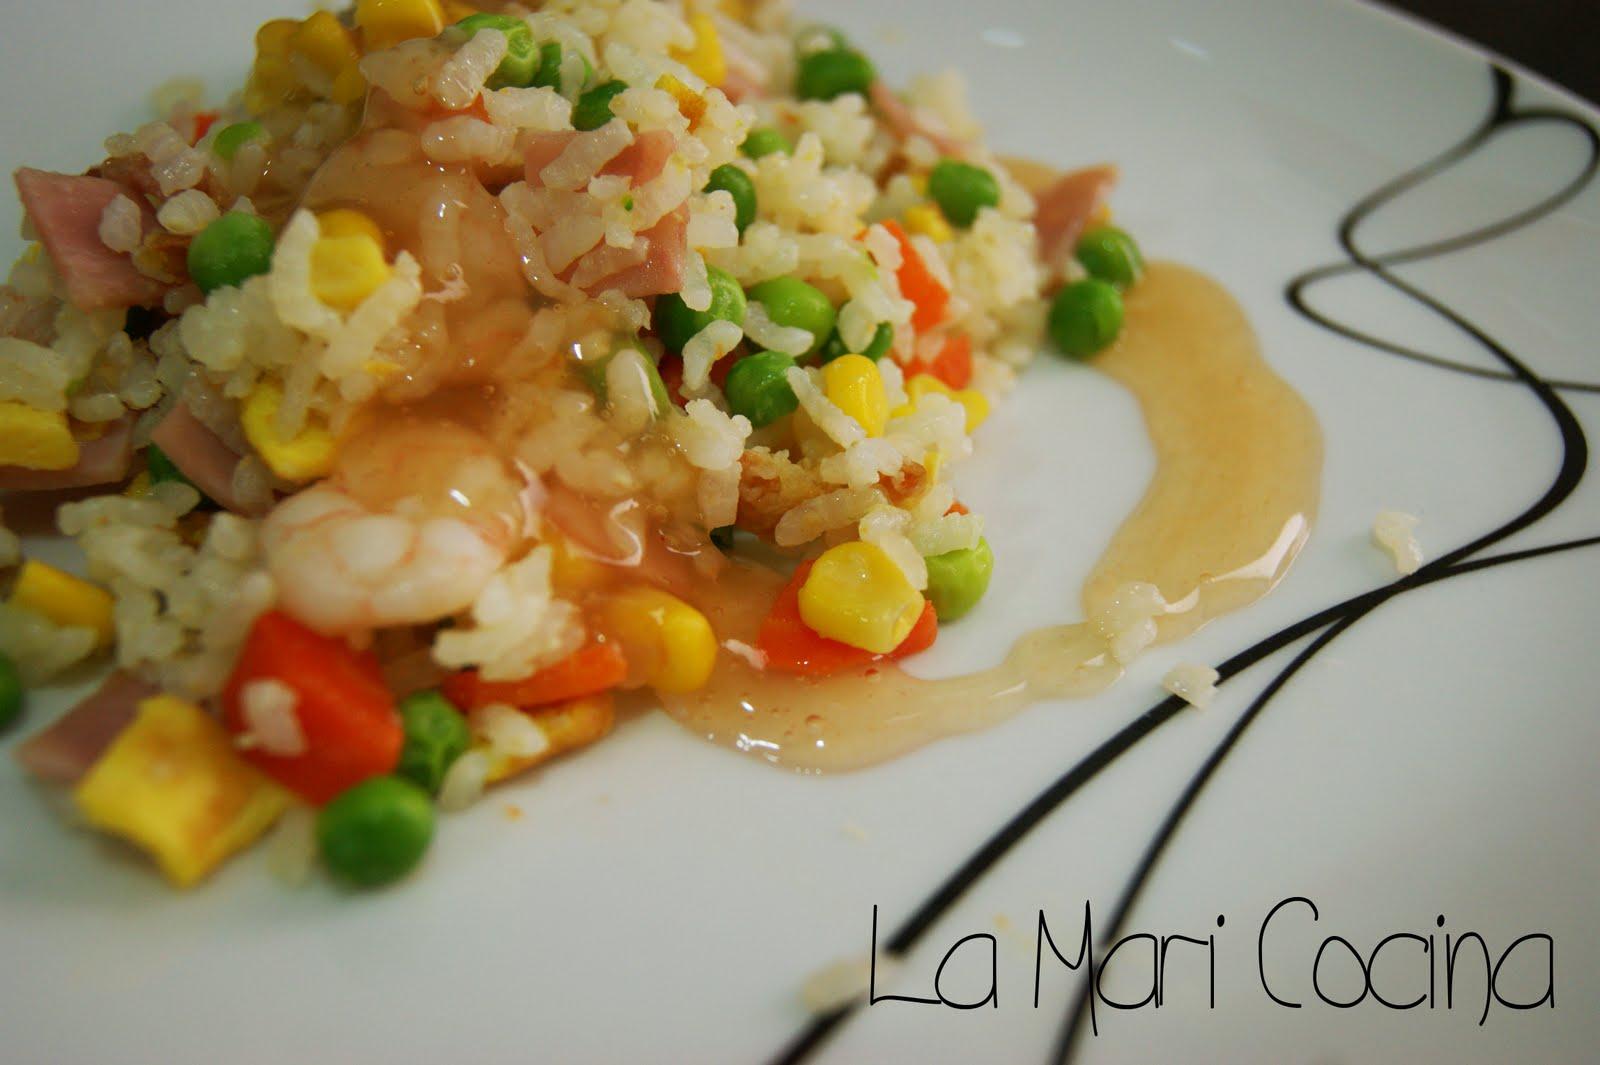 La mari cocina arroz tres delicias y salsa agridulce for Cocinar arroz 3 delicias